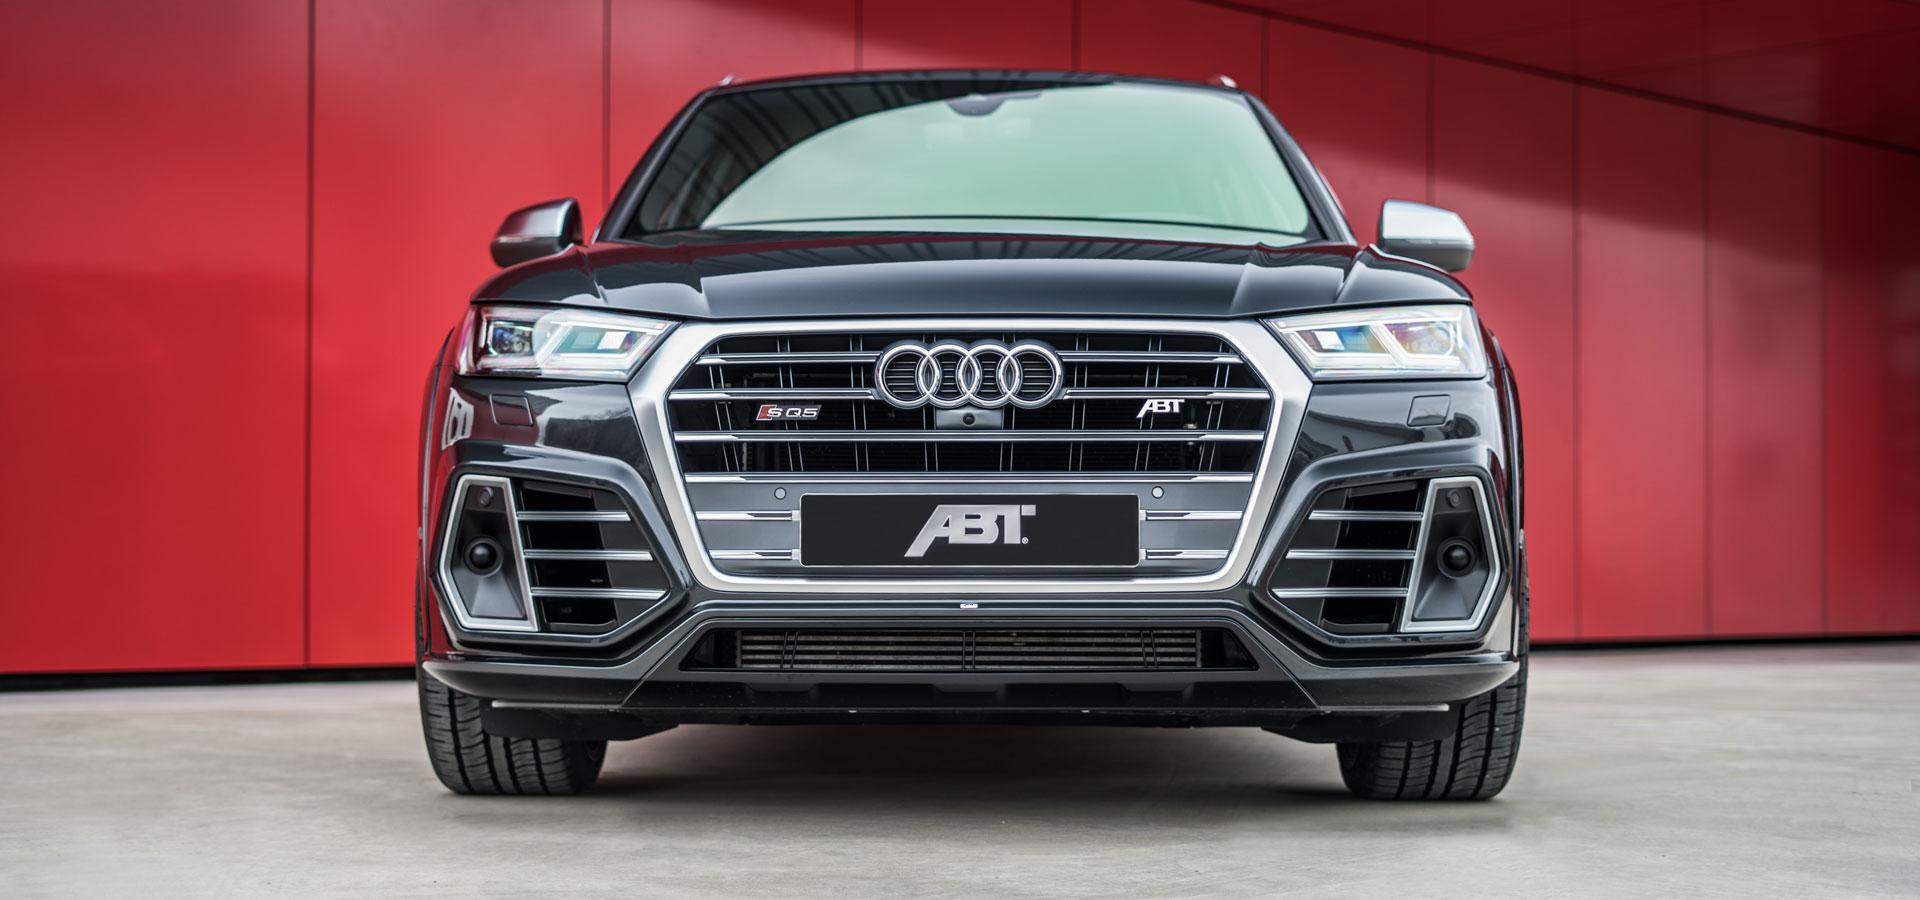 Audi Sq5 Abt Sportsline Q7 Headlight Wiring Harness